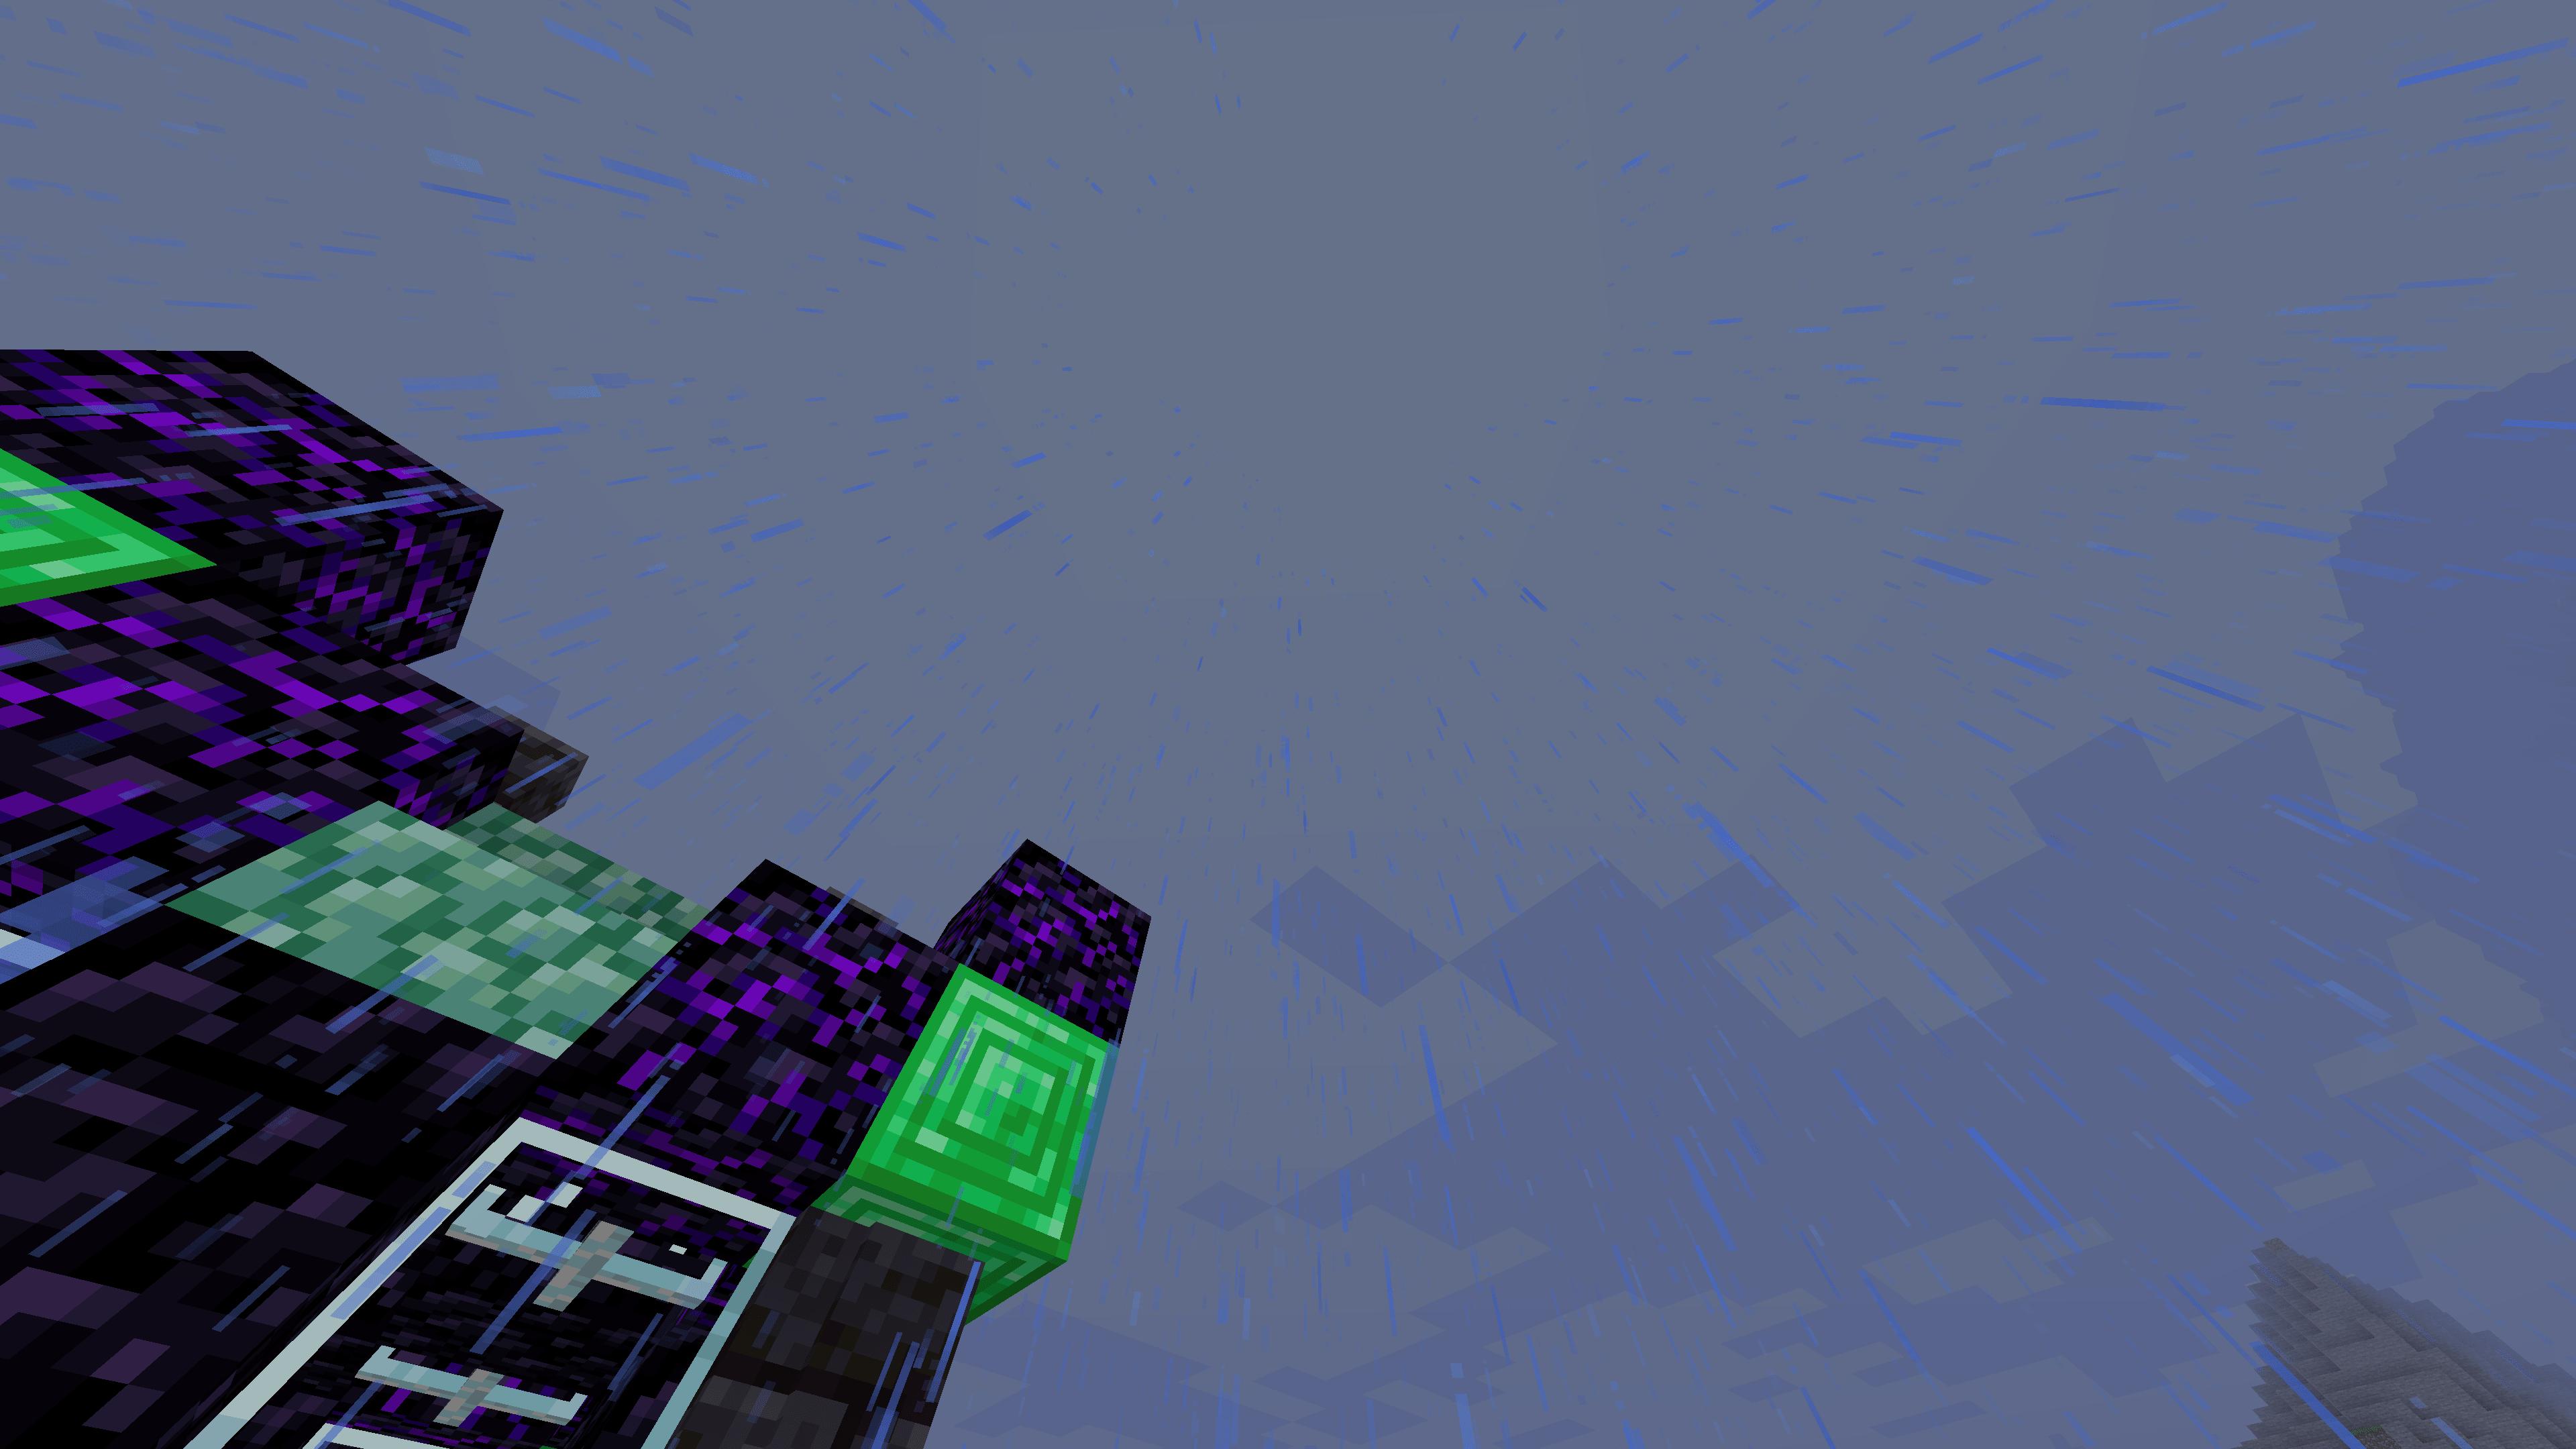 Nell'immagine piove. E Minecraft fa i dispetti, perché imposto sereno col Weather e ritorna la pioggia. Quindi oggi vedremo come togliere definitivamente la pioggia su Minecraft, per sempre.